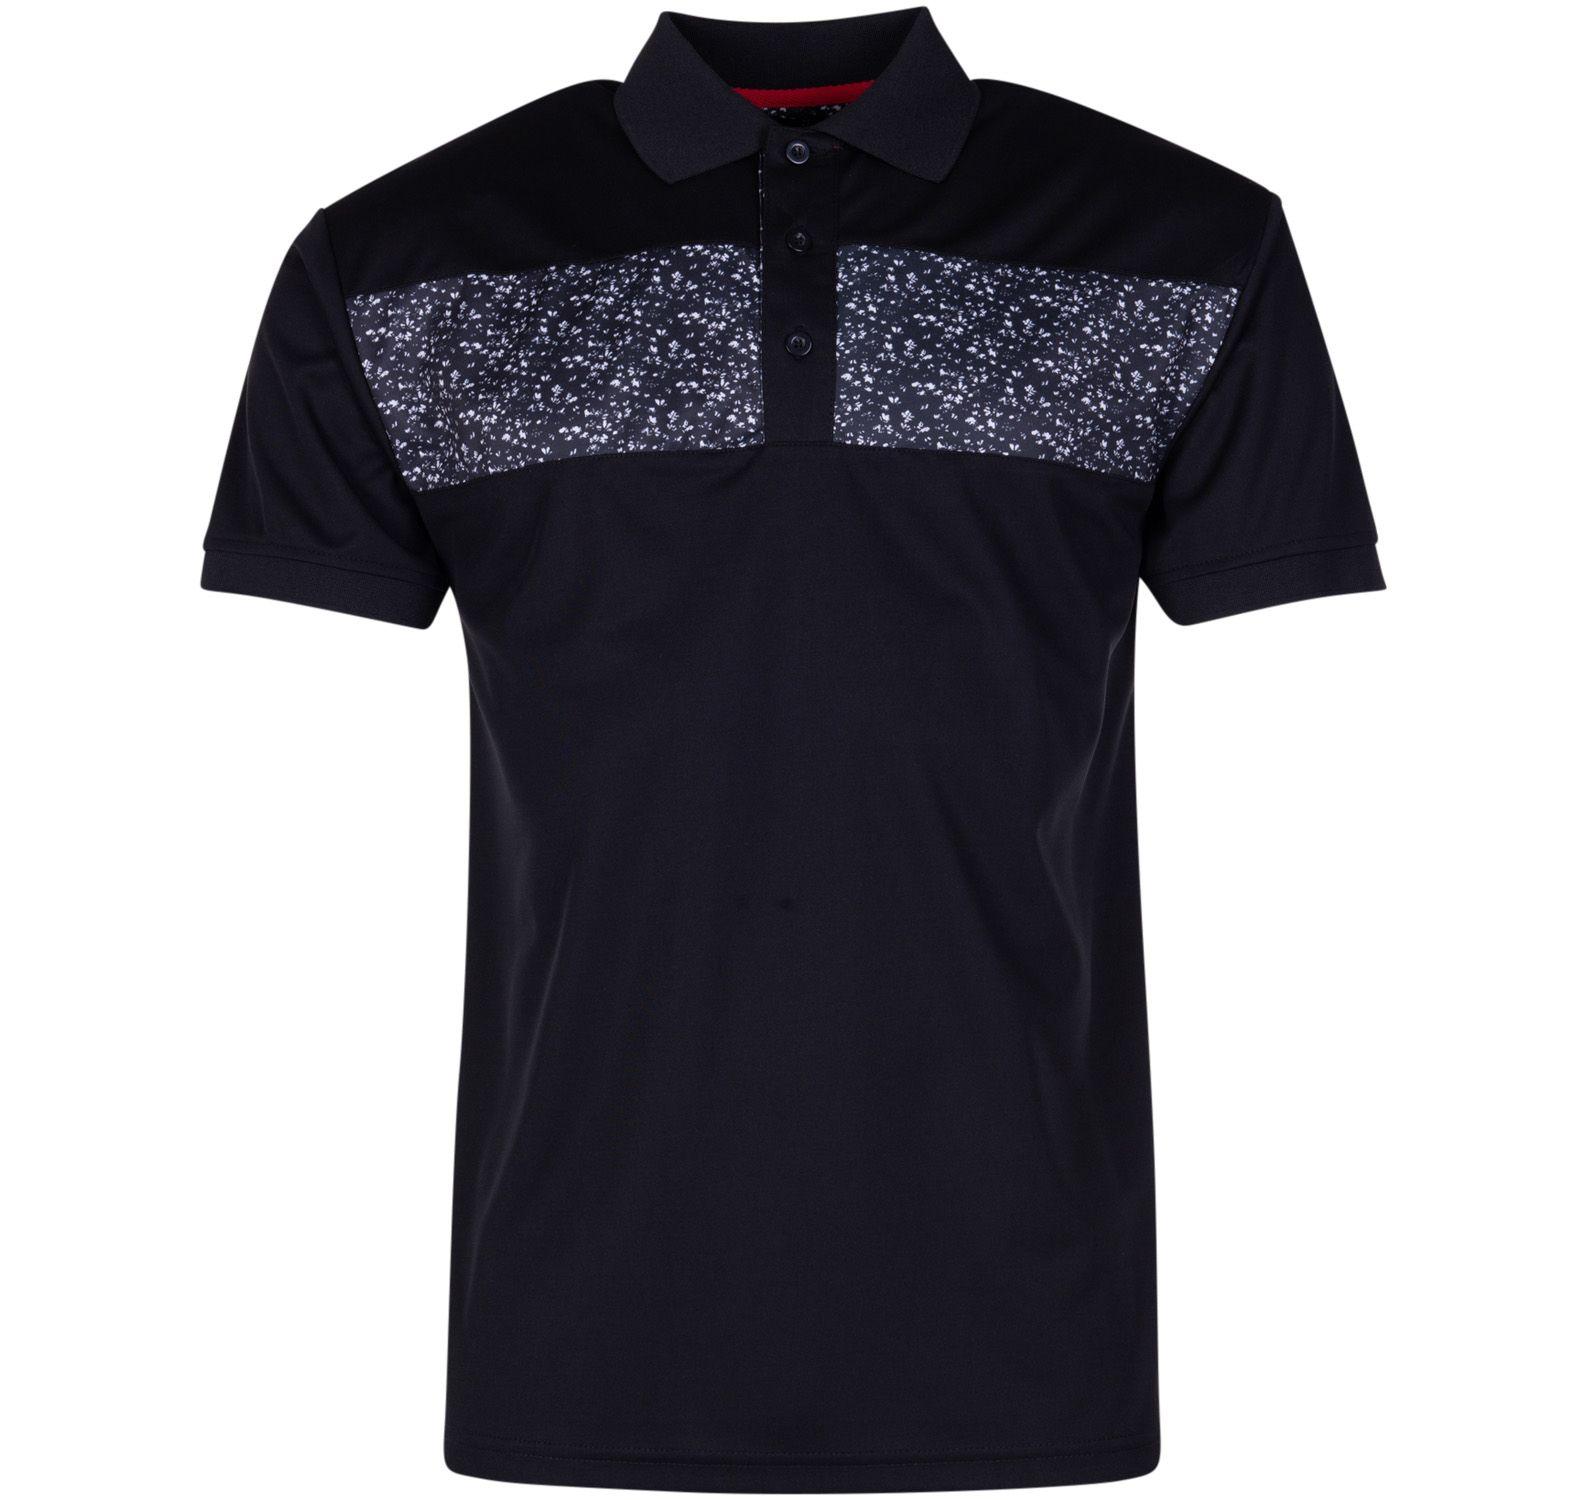 shirt 1904 black s, black, s, varumärken